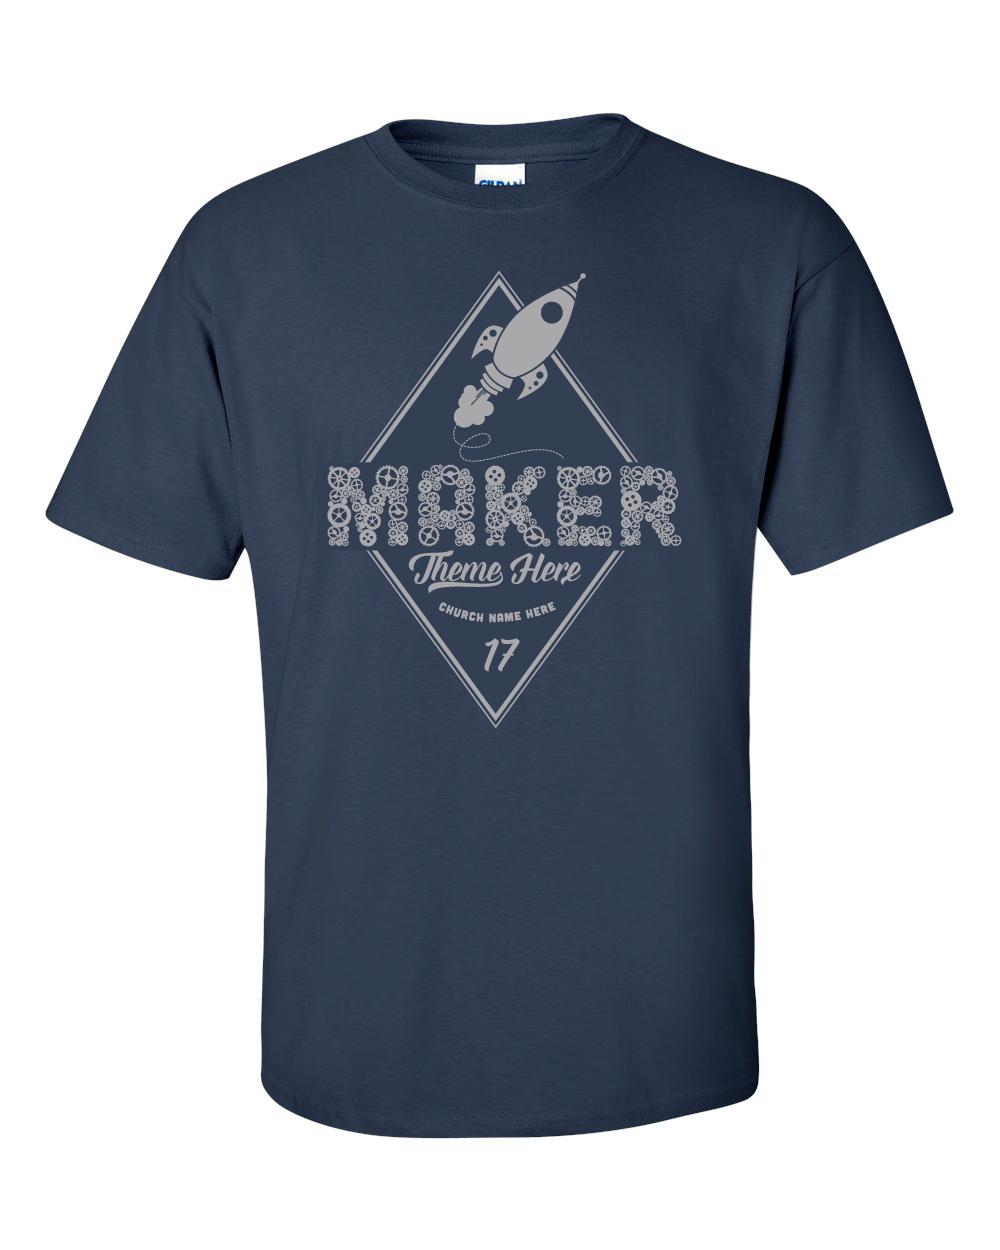 Maker 2-03.jpg